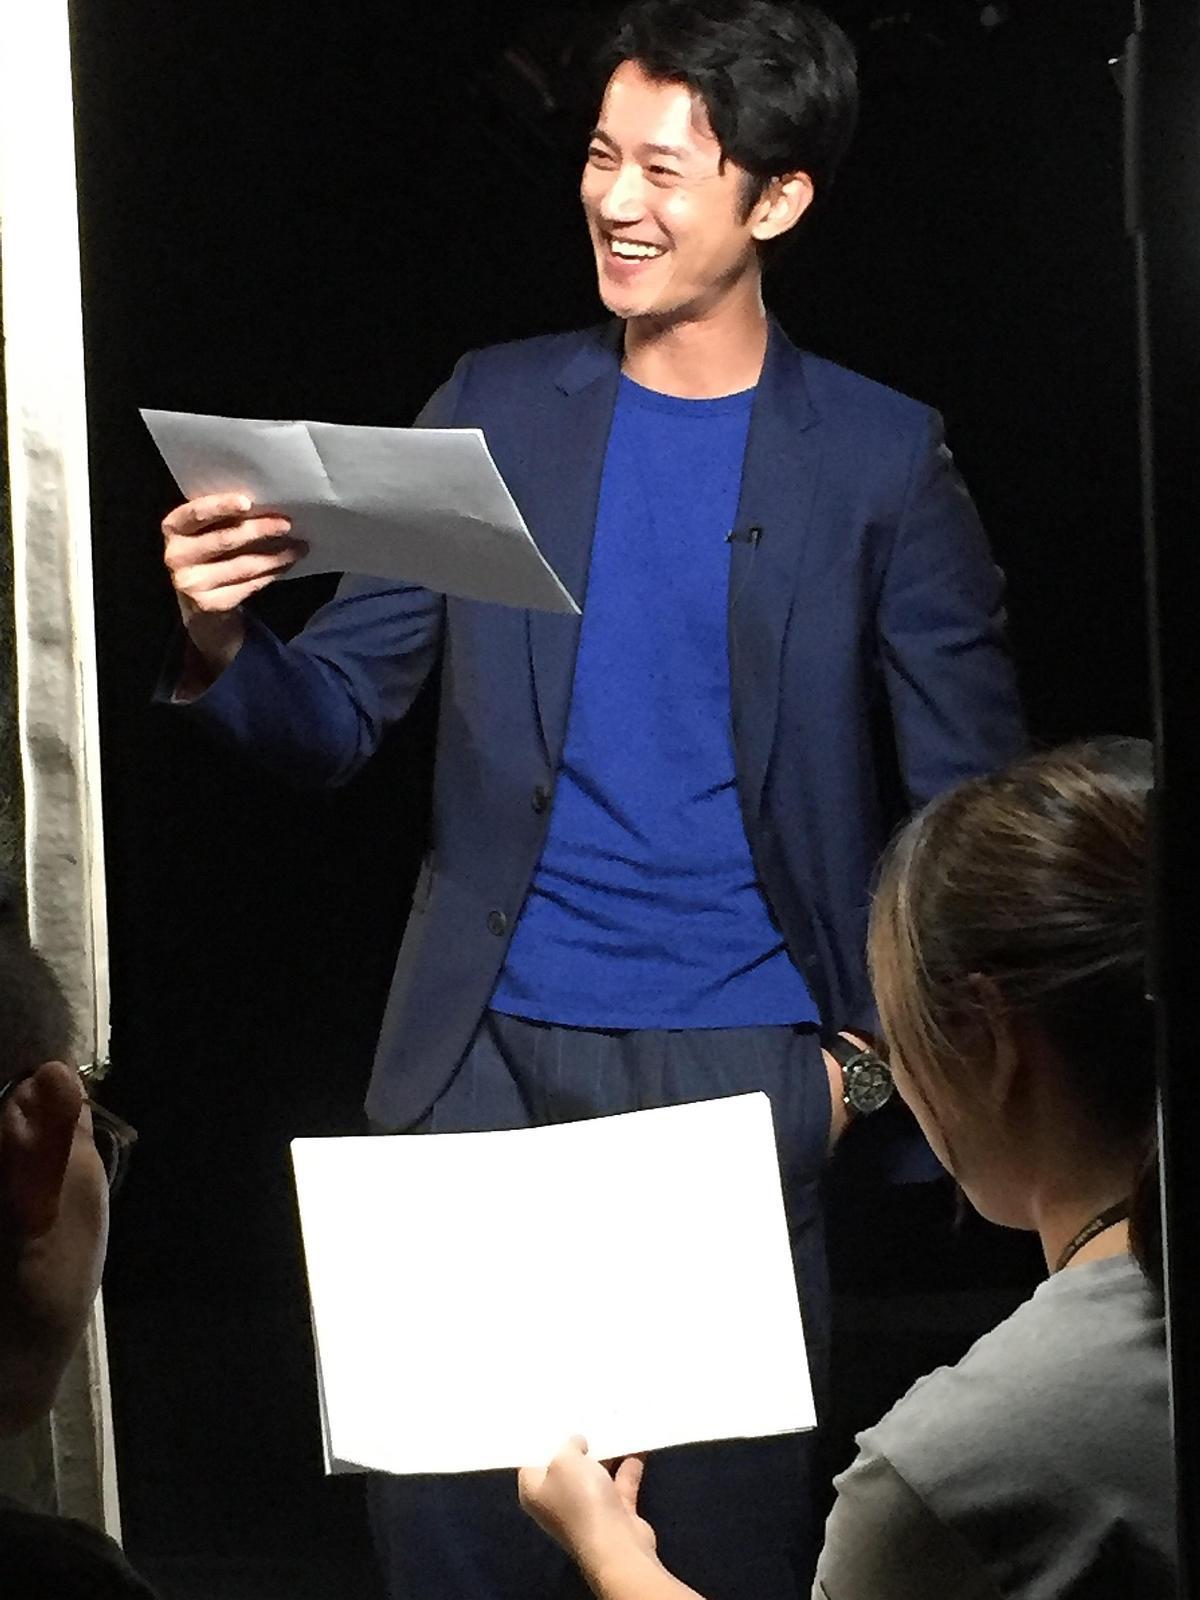 吳慷仁在公視《憤怒的菩薩》聲演官網中「新文報」菜鳥記者阿辦,玩性大發,可愛爆表。(公視提供)